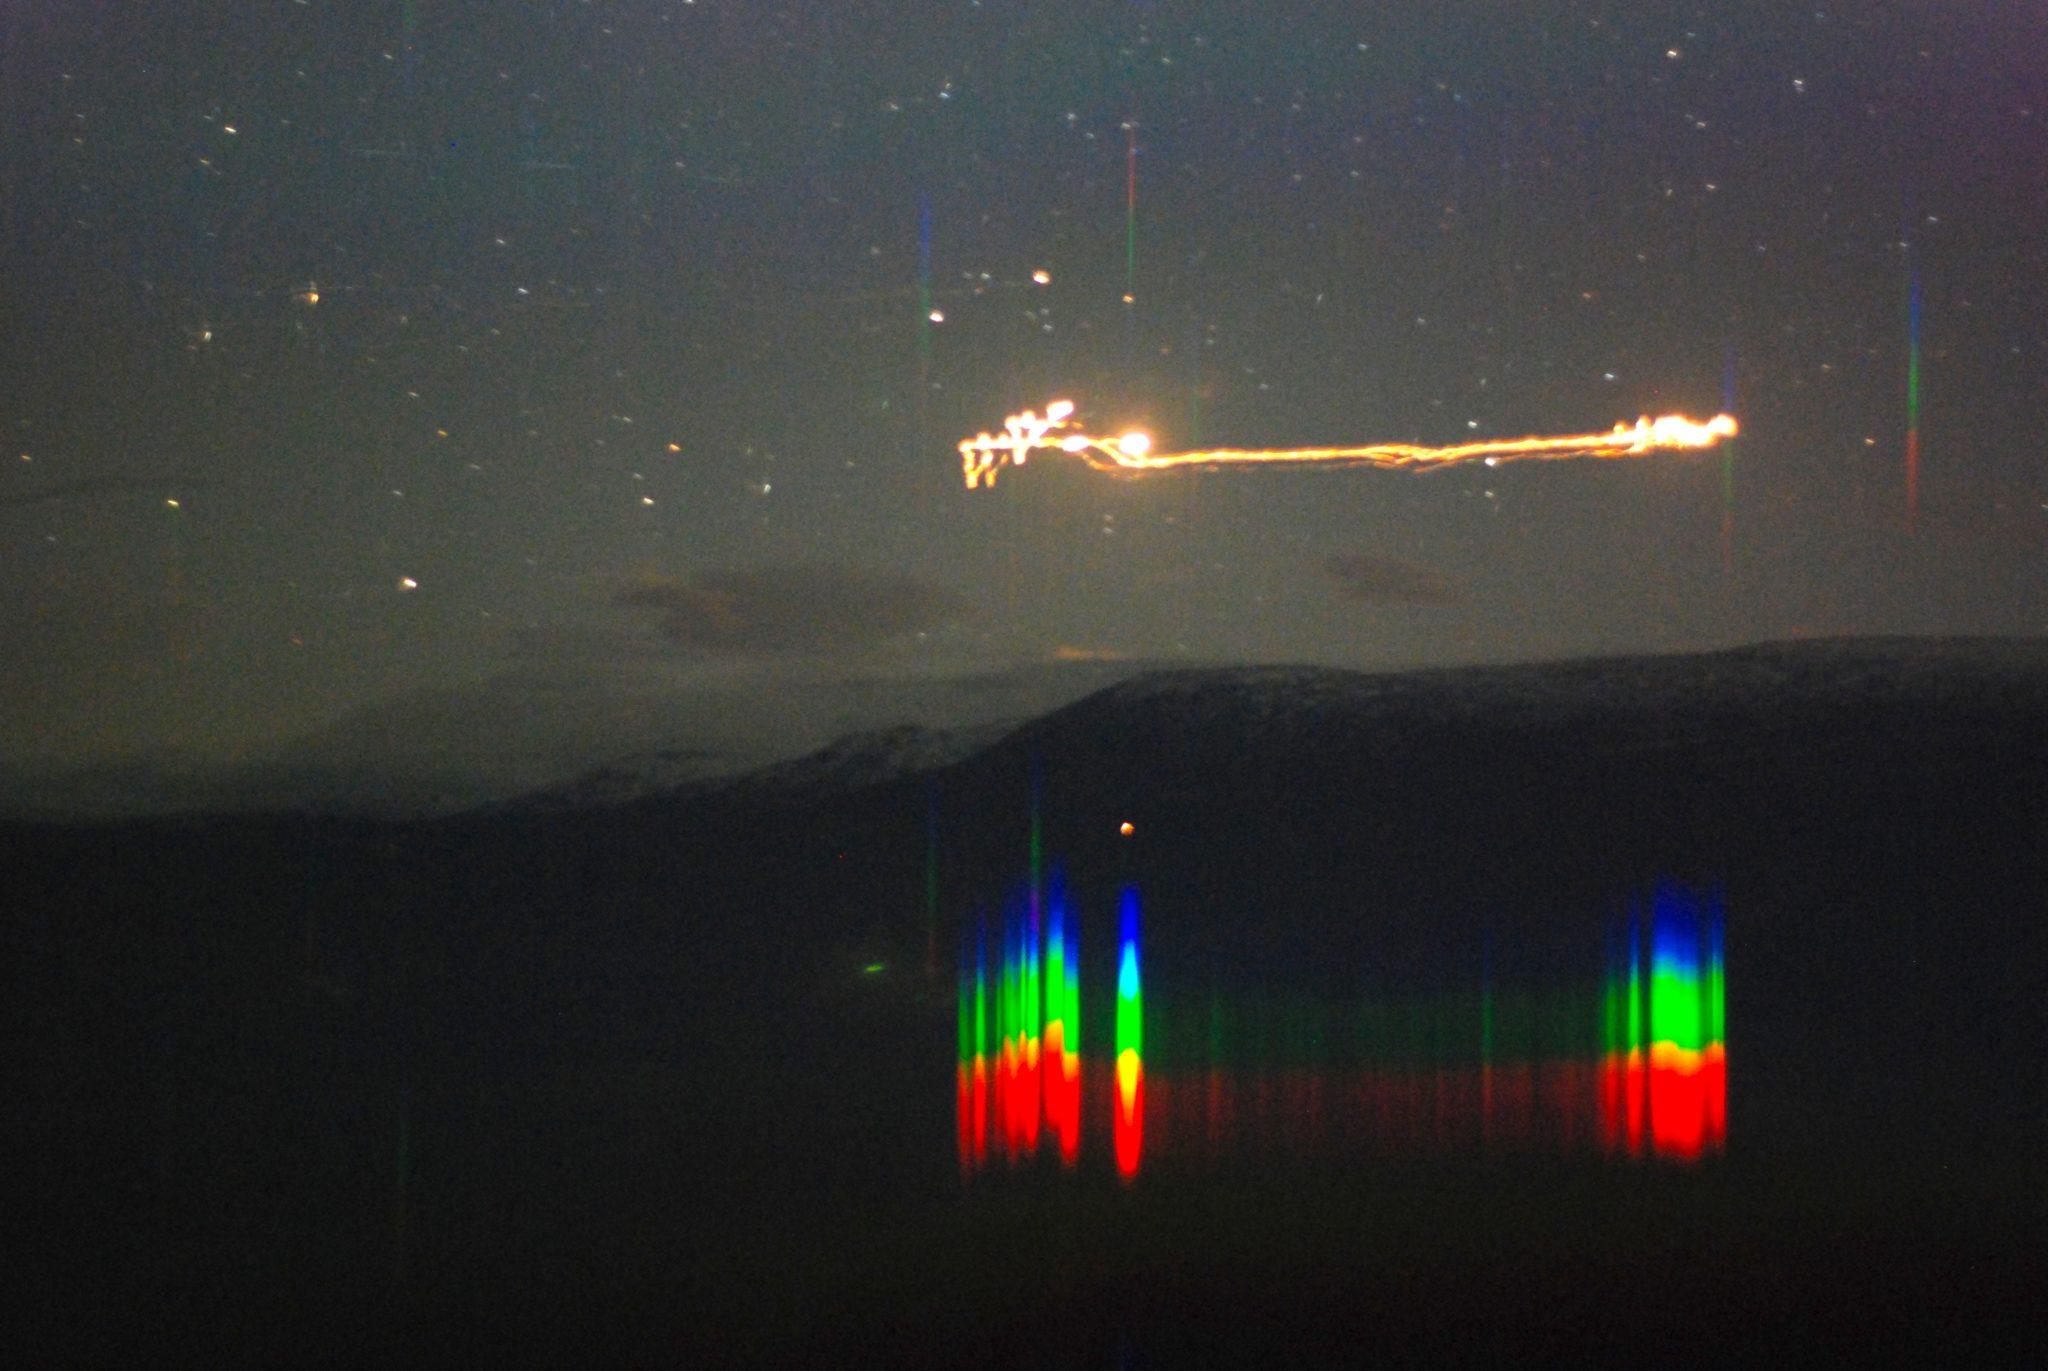 Geheimnisvolle Lichtbälle in einem Tal in Norwegen: Die Aufnahme von 2007 entstand mit einer Belichtungszeit von 30 Sekunden, sodass der Weg des Lichtes erkennbar ist.